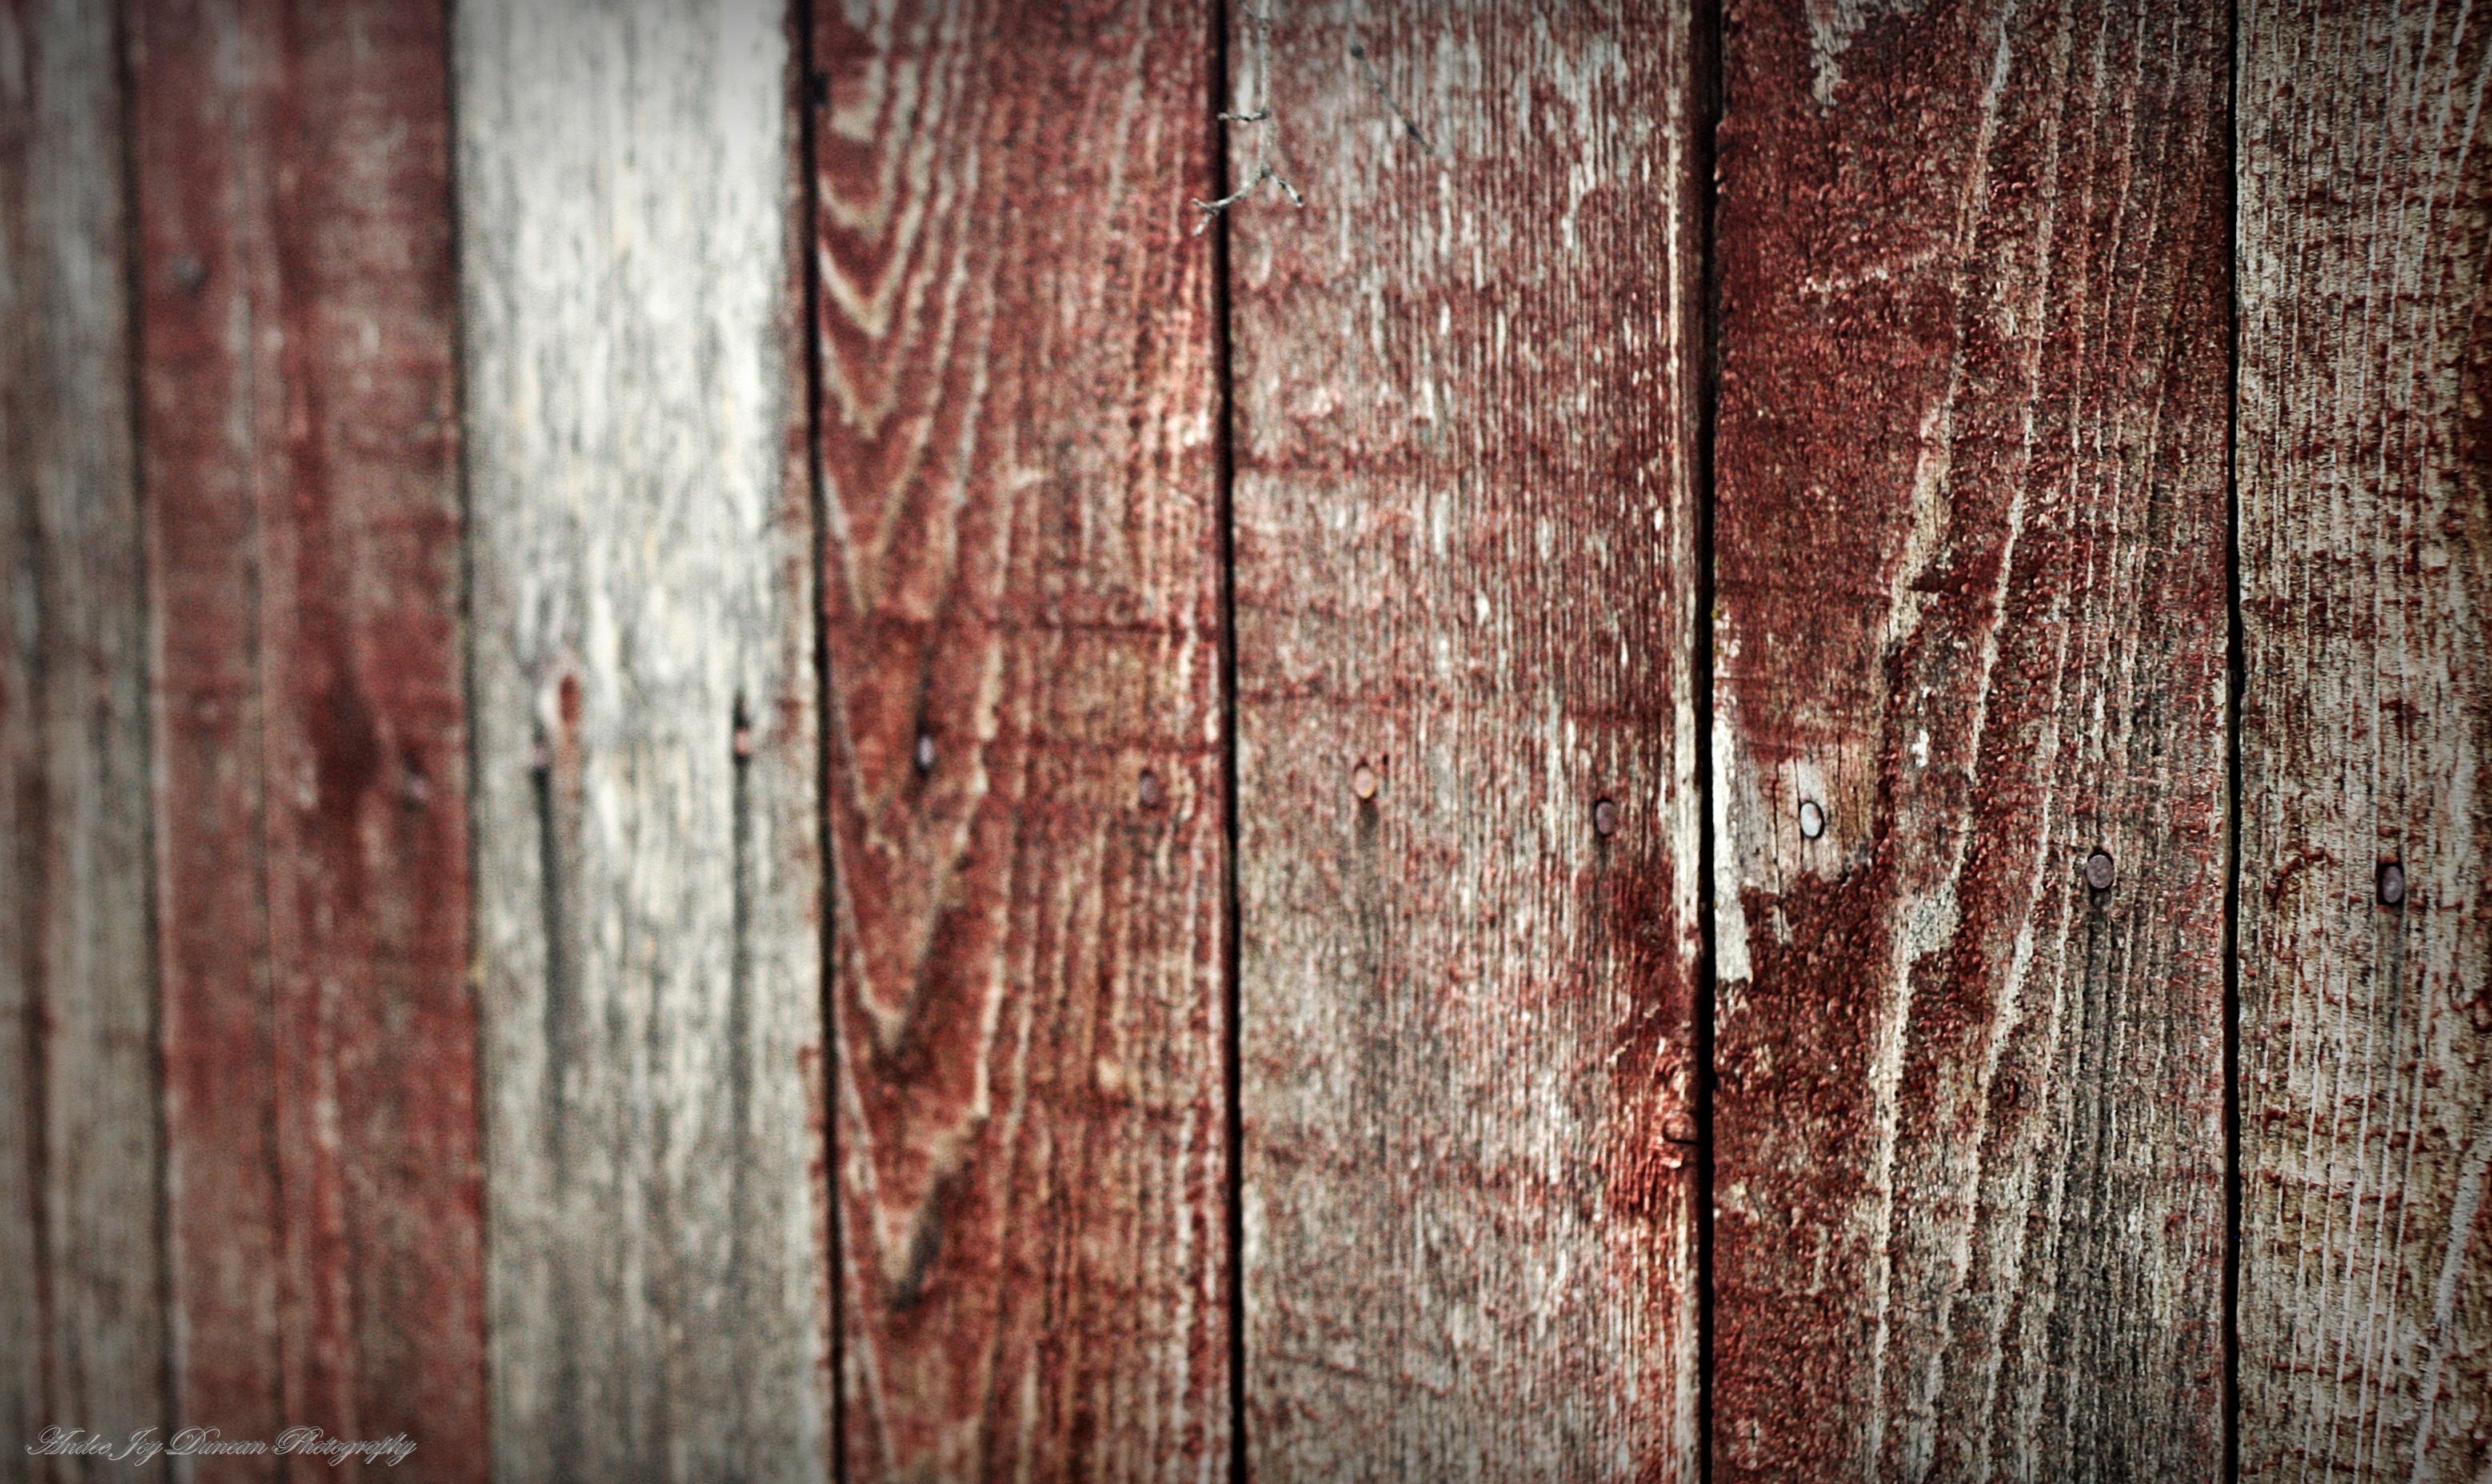 Coole Holz Fechten Bilder